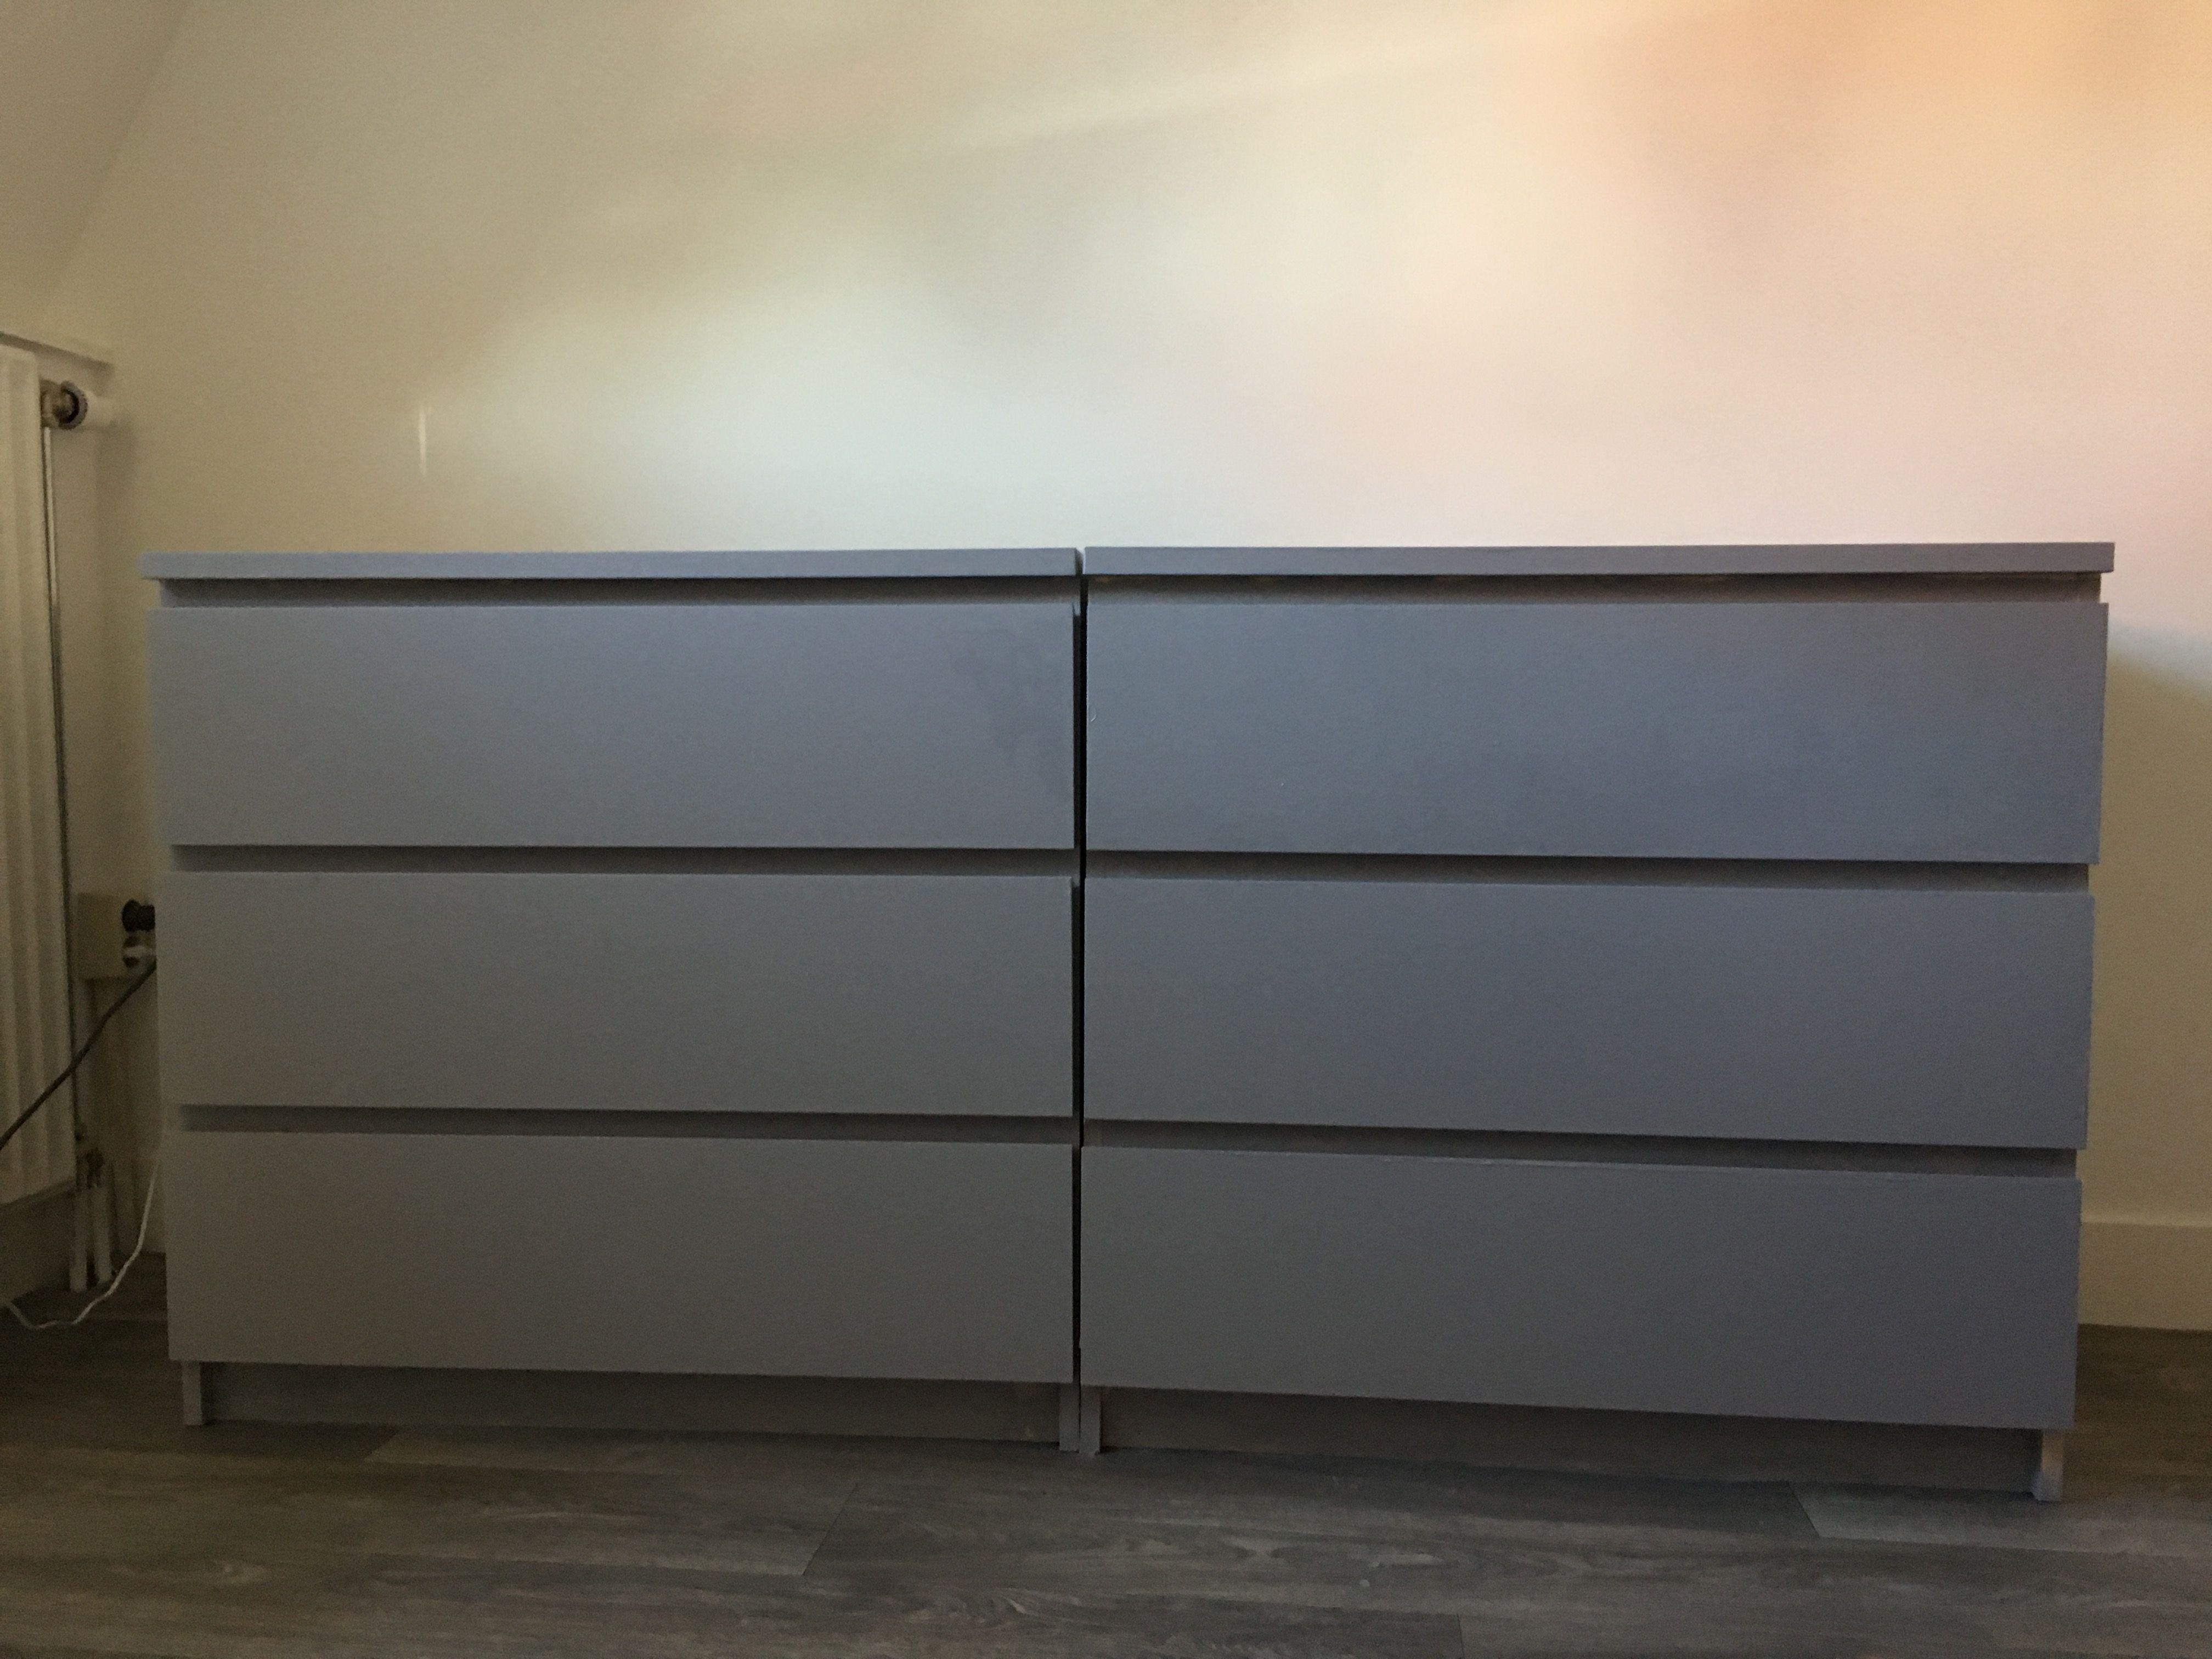 Ikea Malm Kast Met RAL 7036 Acryl Satijnlak Van Action Geschilderd